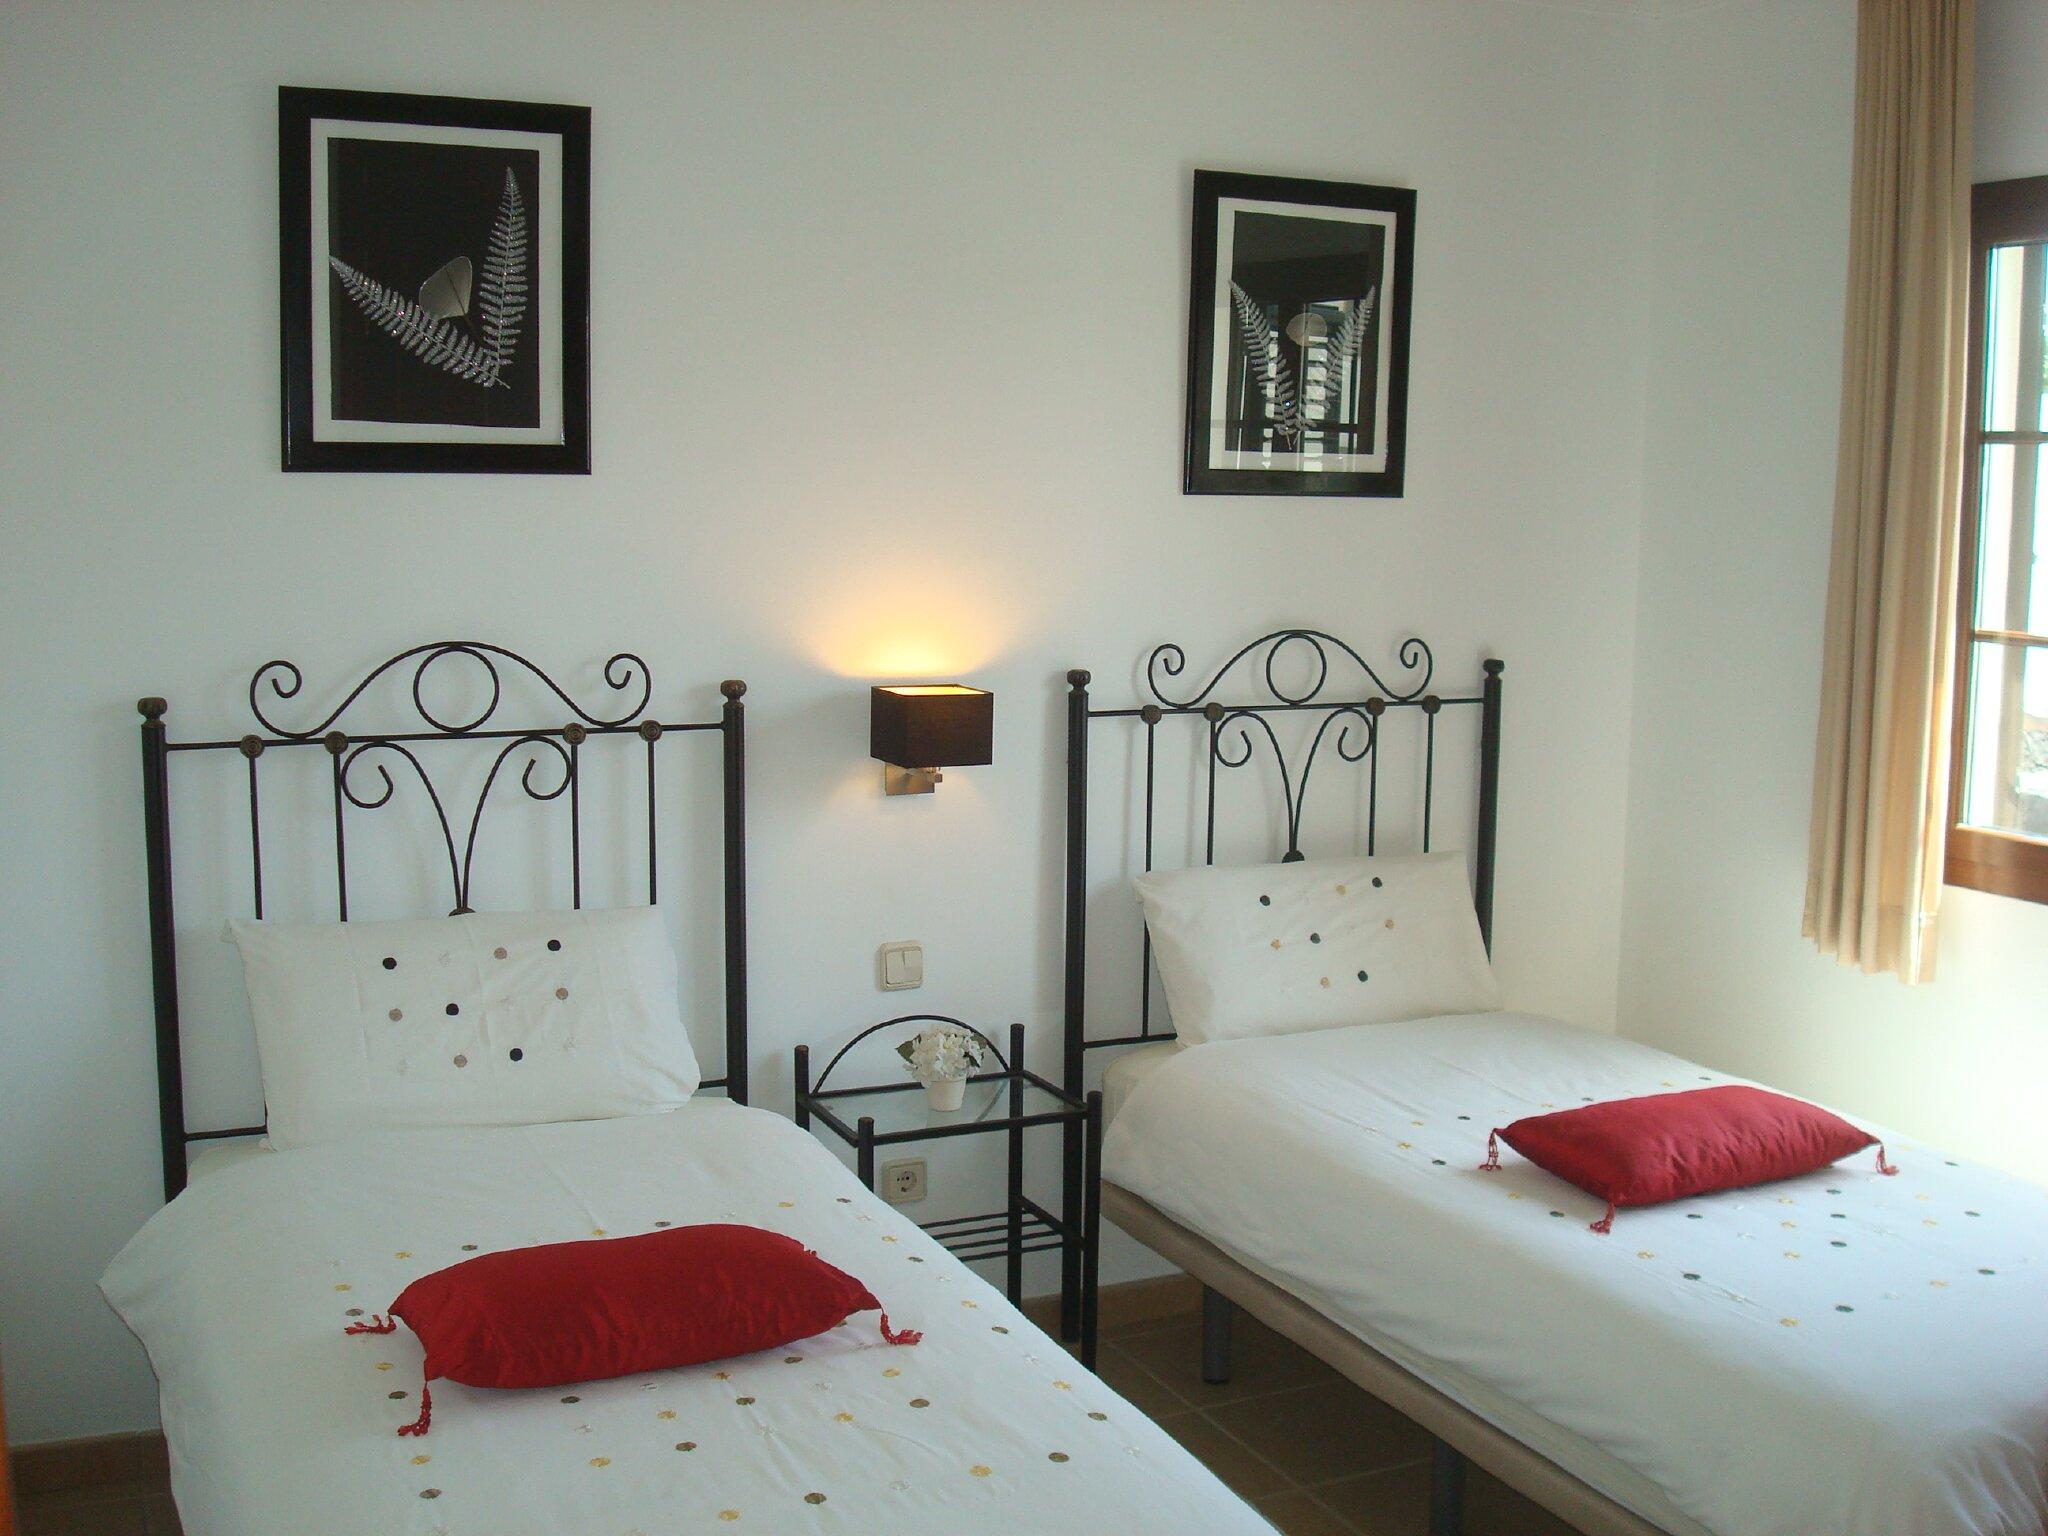 zweites Einzelbett-Schlafzimmer